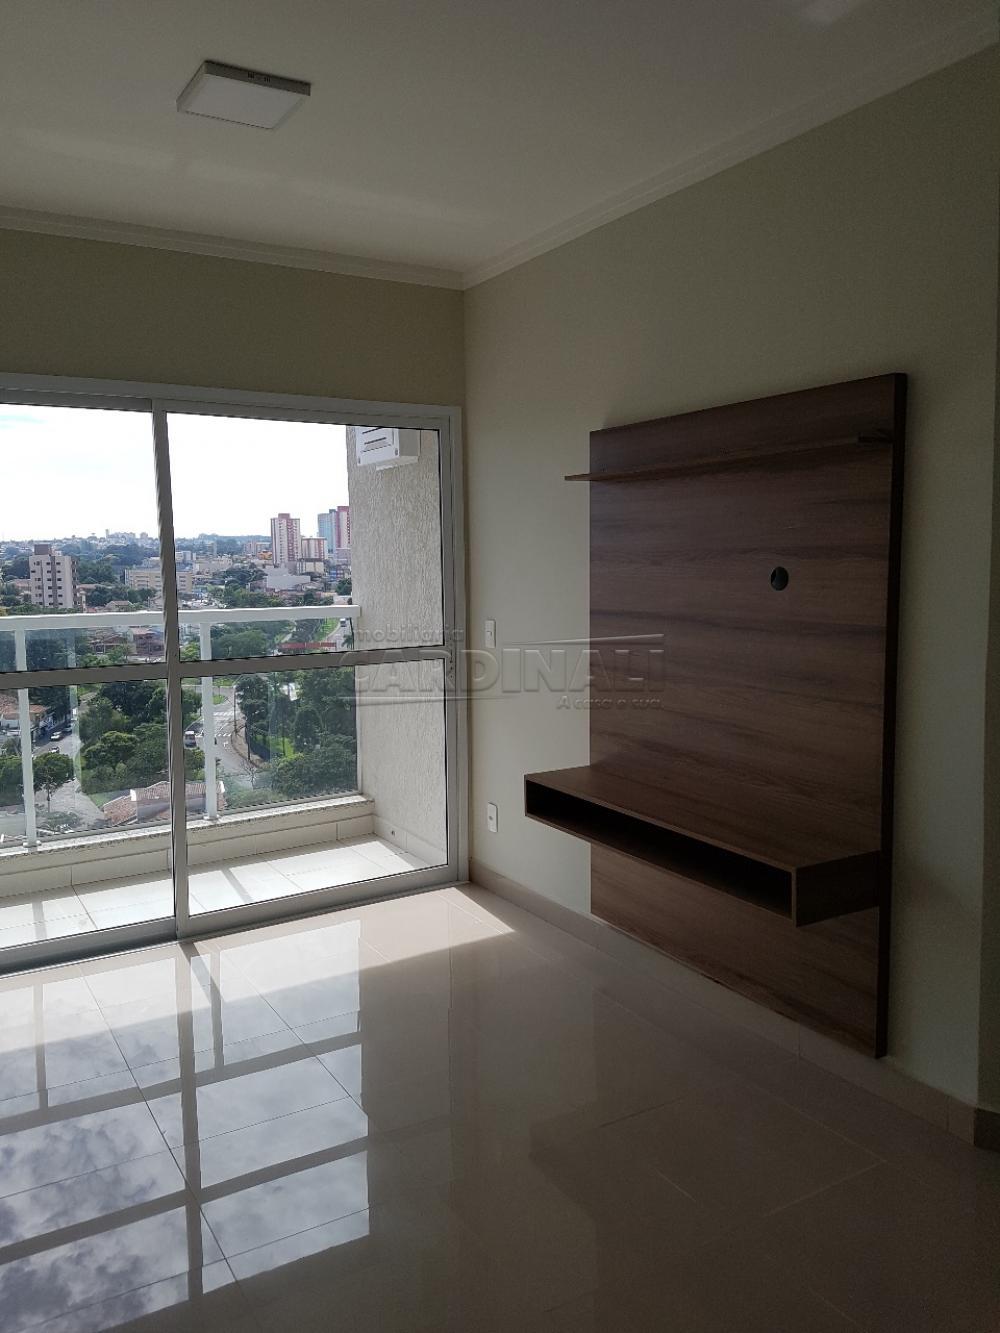 Alugar Apartamento / Padrão em São Carlos R$ 2.112,00 - Foto 6